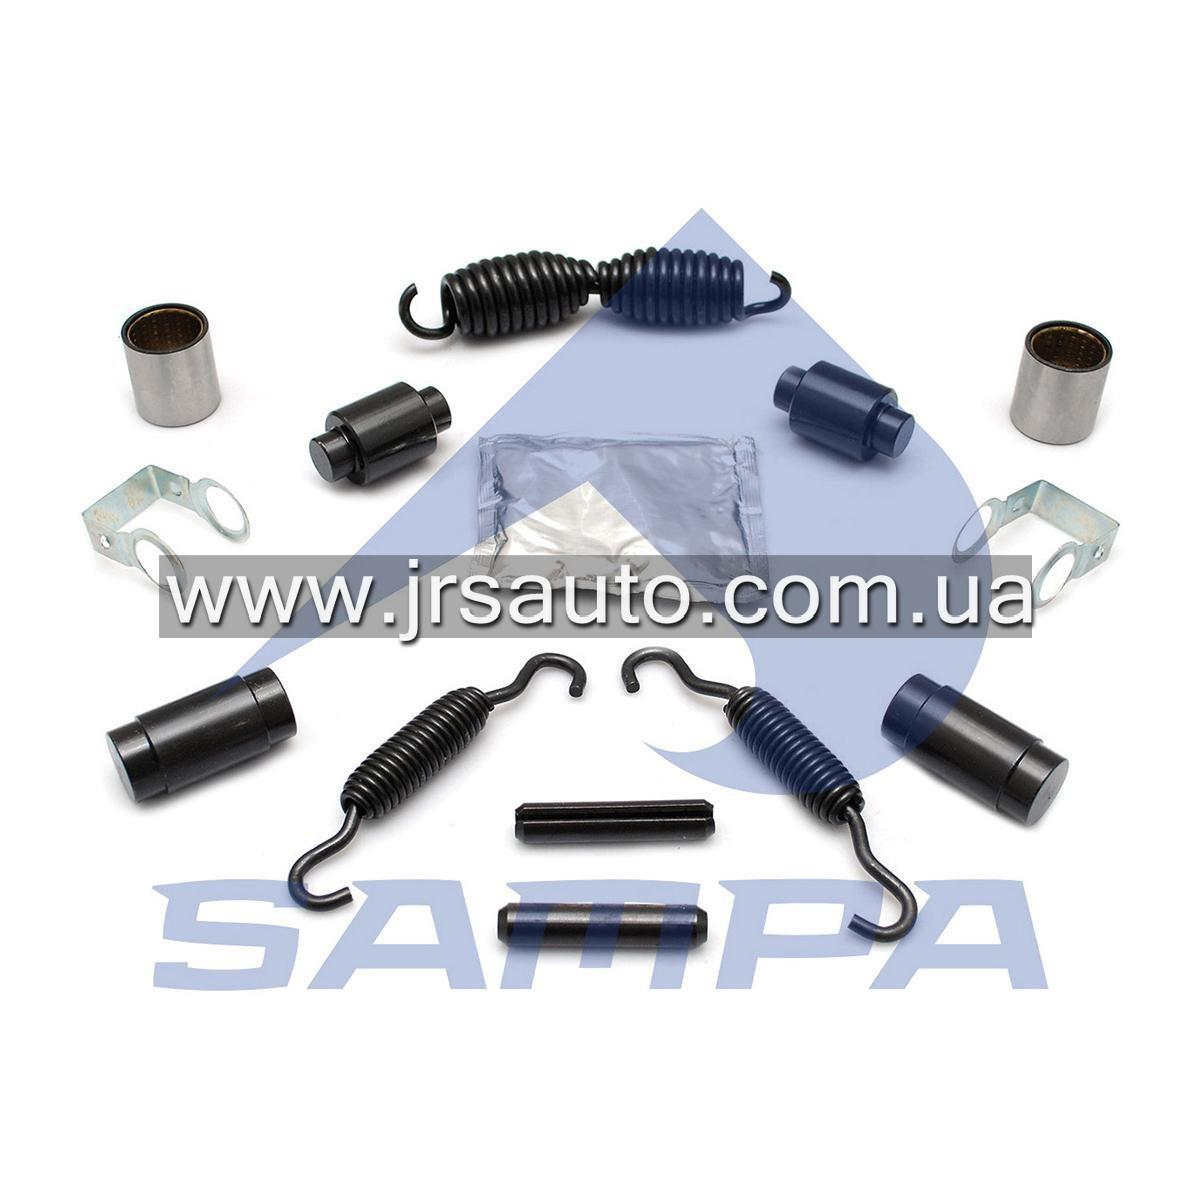 Ремкомплект колодки тормозной ROR ТЕ9000/9300,ТМ d19 d31,7x55,5 \AXL125 \ 085.511